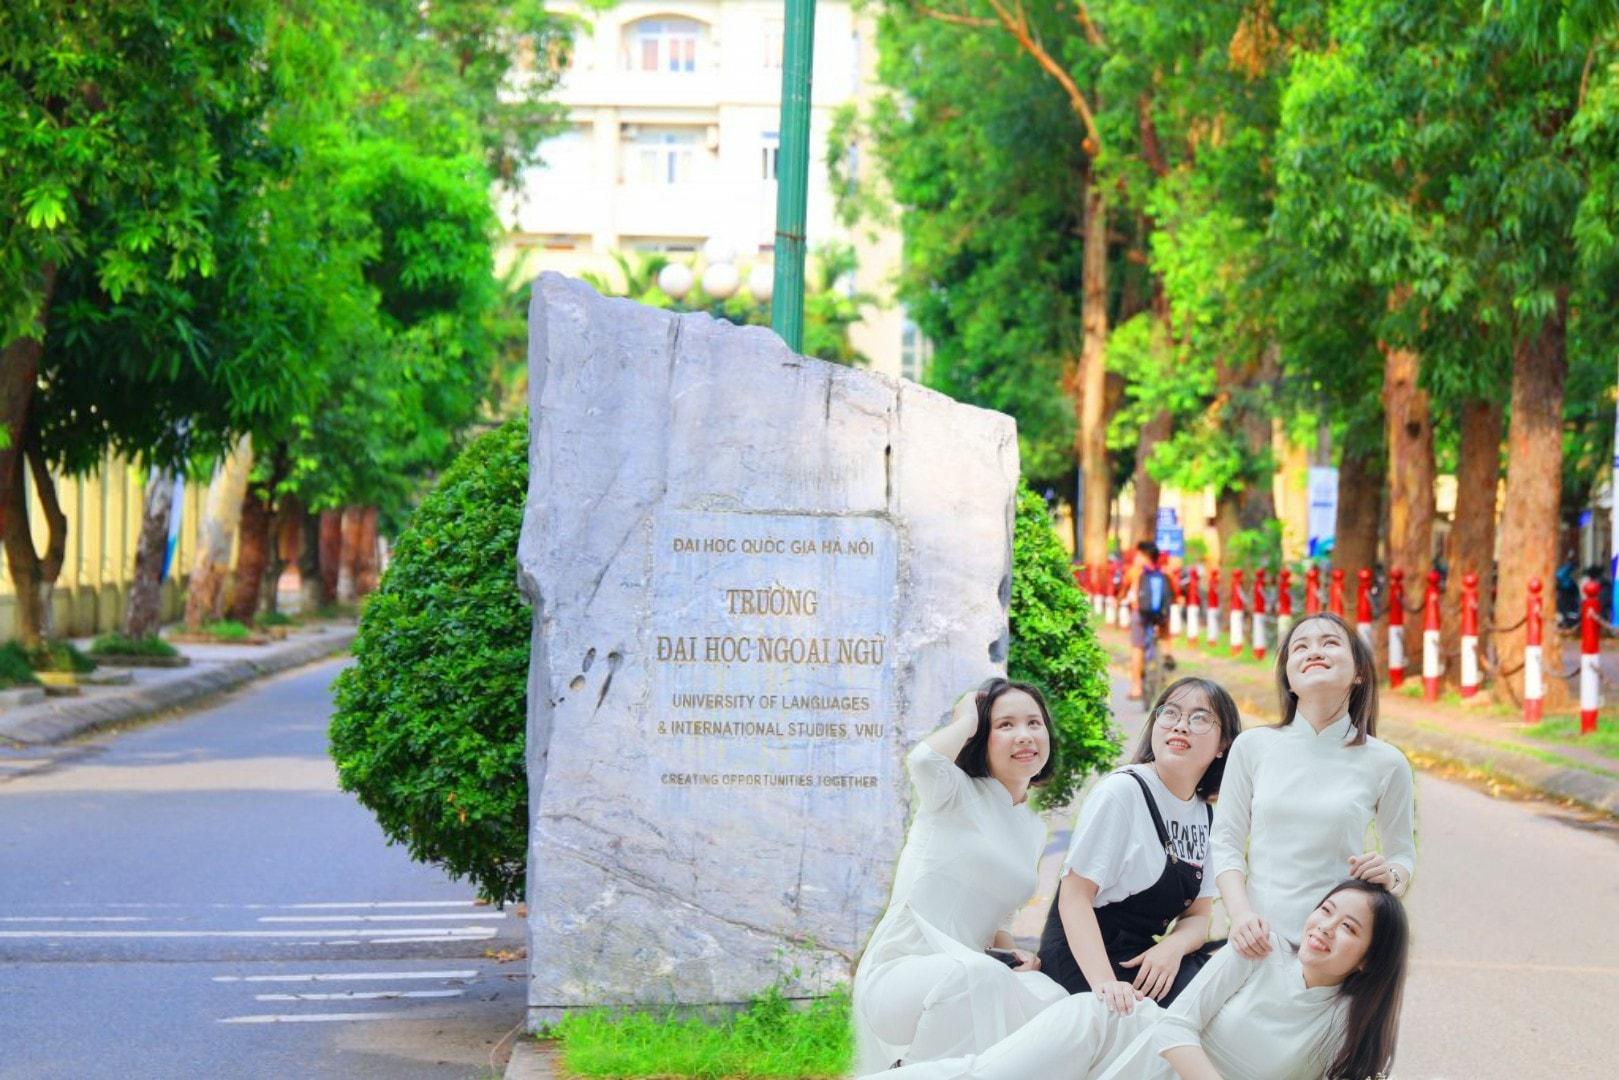 4 nữ sinh xinh đẹp cùng đỗ vào 7 trường đại học cực khủng ở Hà Nội, ai cũng phải choáng cho đến khi phát hiện ra một điều lạ - Ảnh 3.